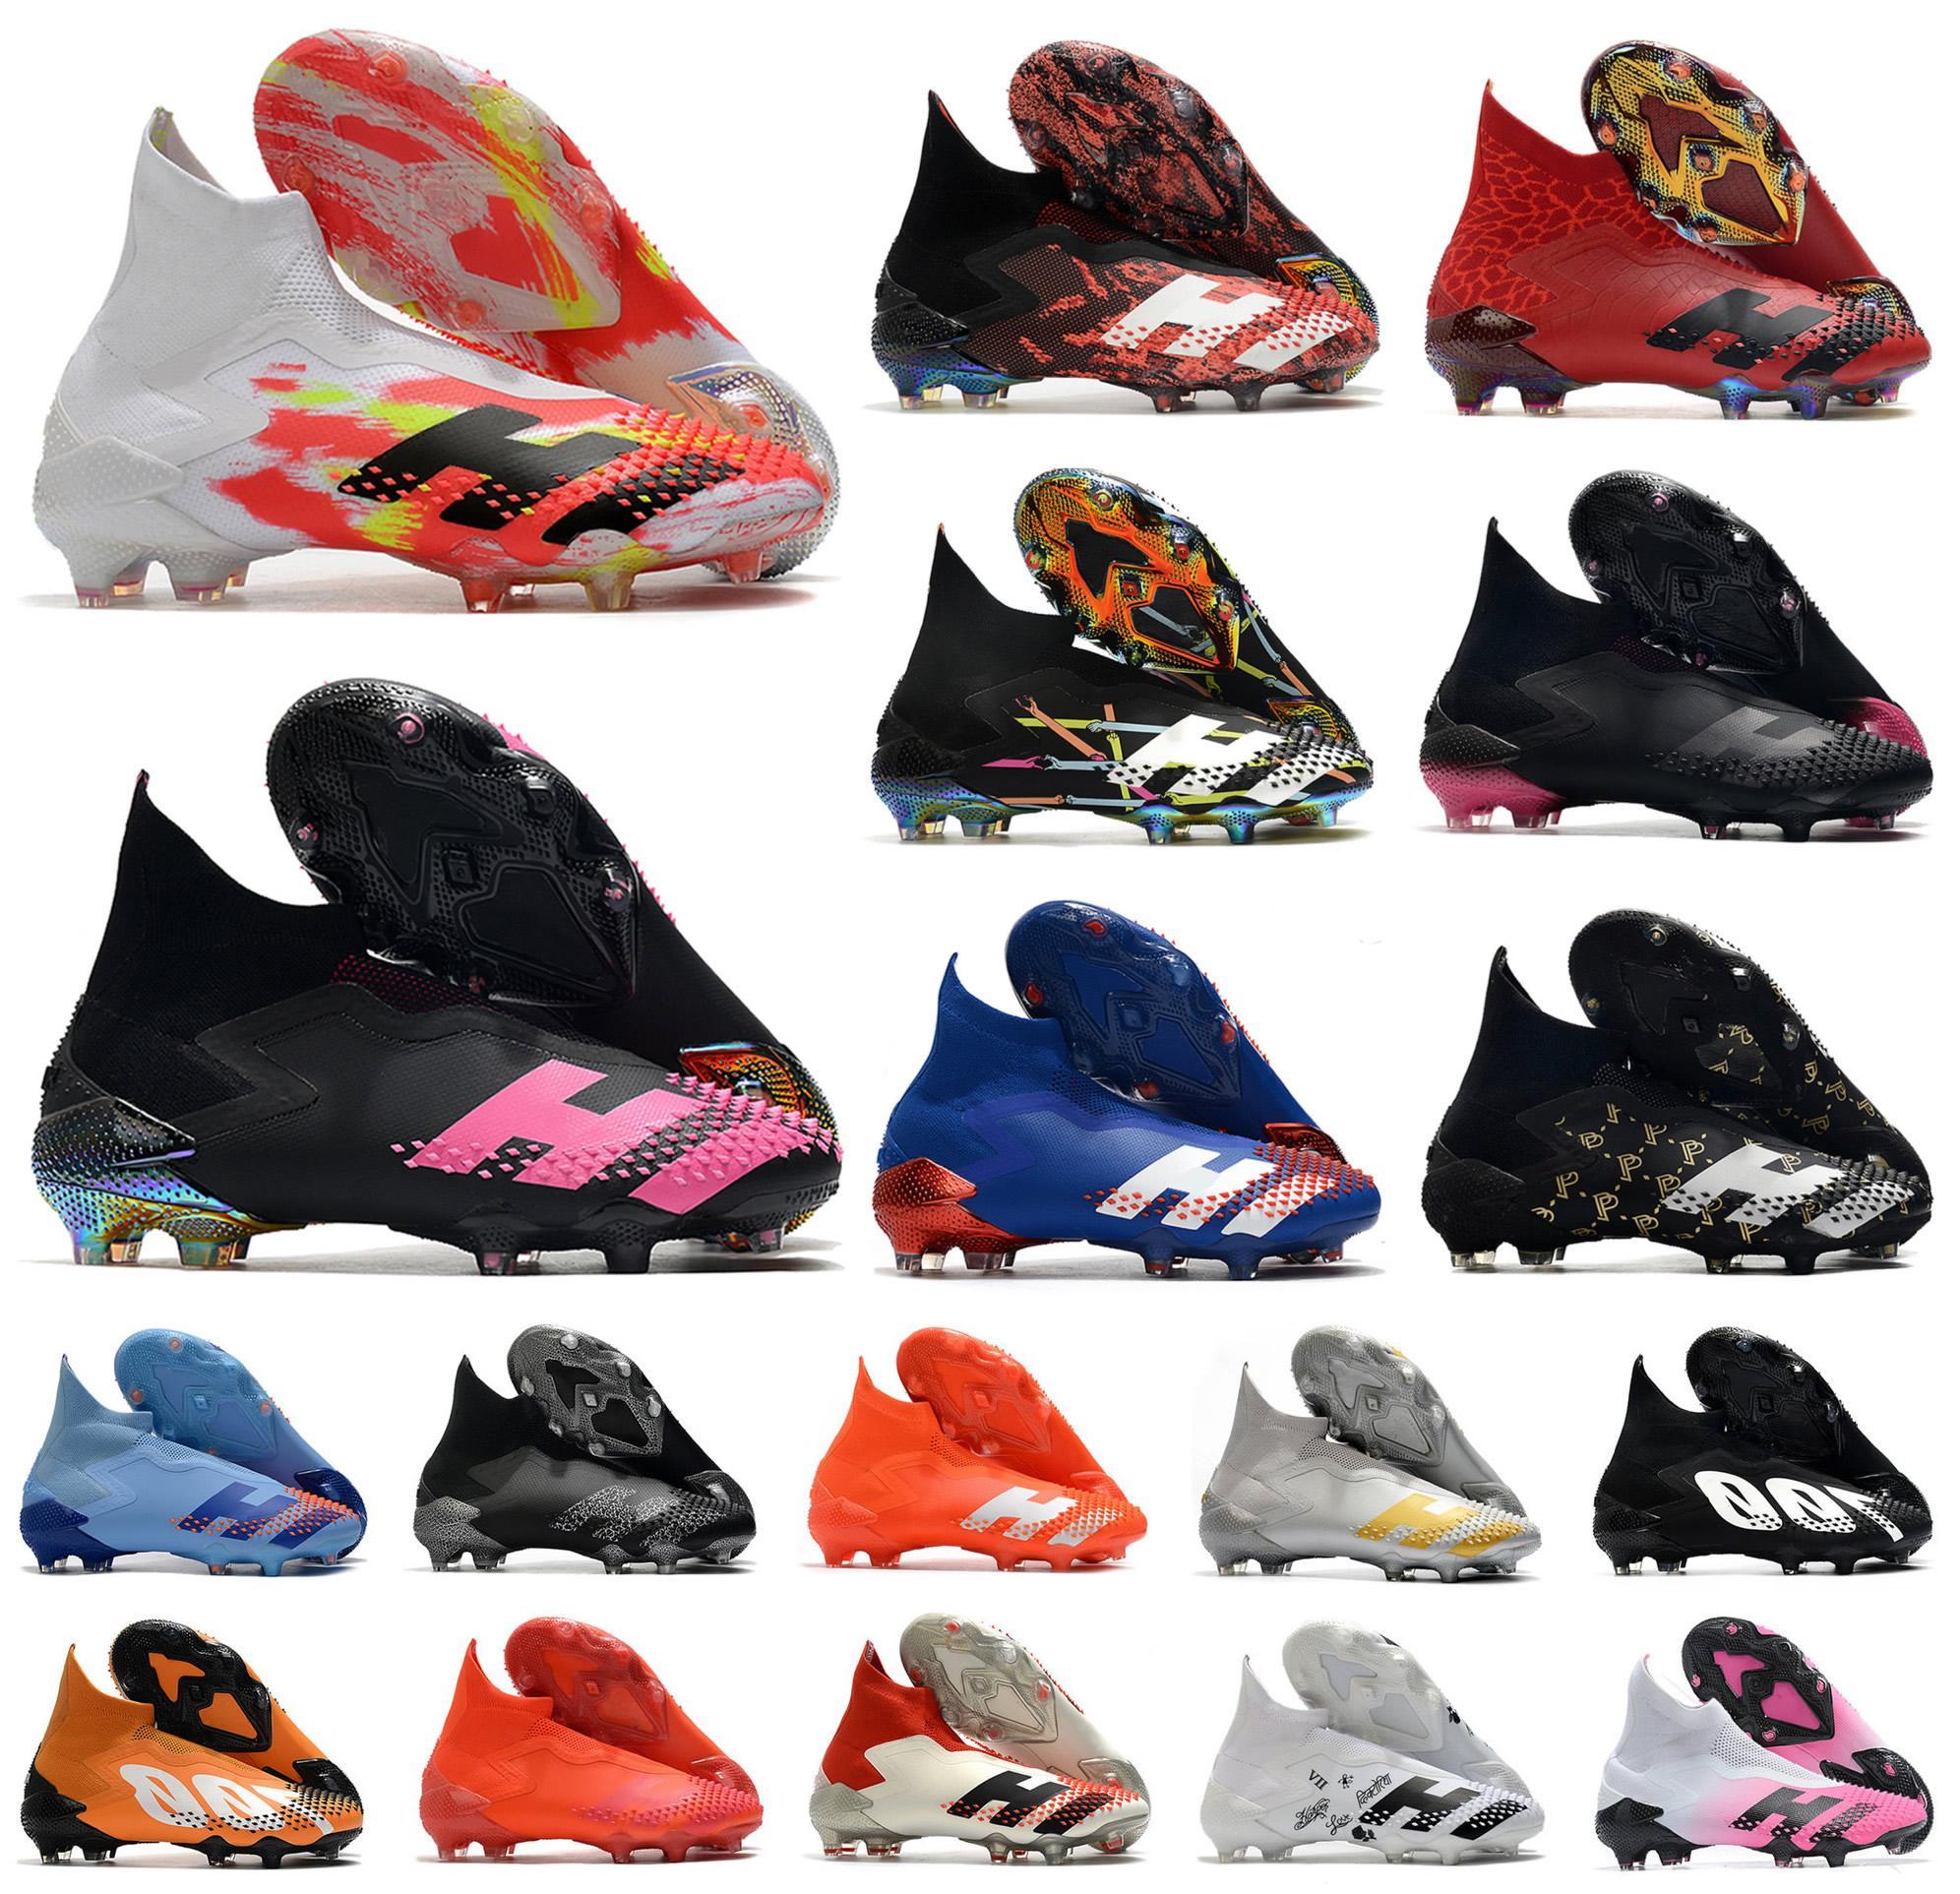 2020 Hot Predator Mutator 20+ FG Uniforia Packung PP Paul Pogba Herren Jungen Slip-On-Fußball-Fußball-Schuhe 20 + x Klampen Stiefel hoch Größe 39-45